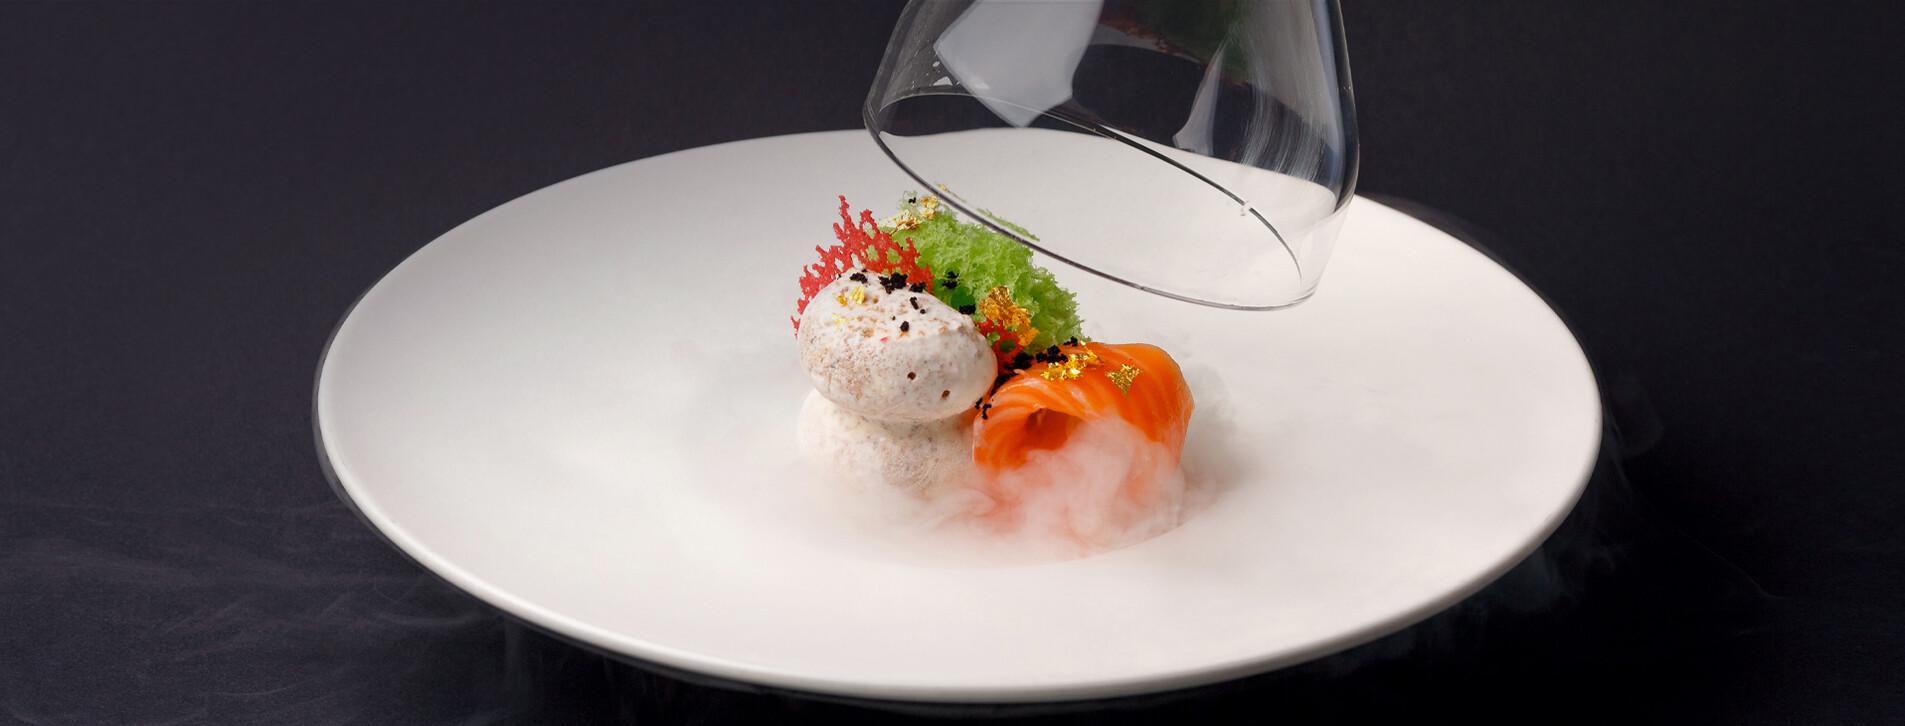 Фото 1 - Мастер-класс молекулярной кухни для компании